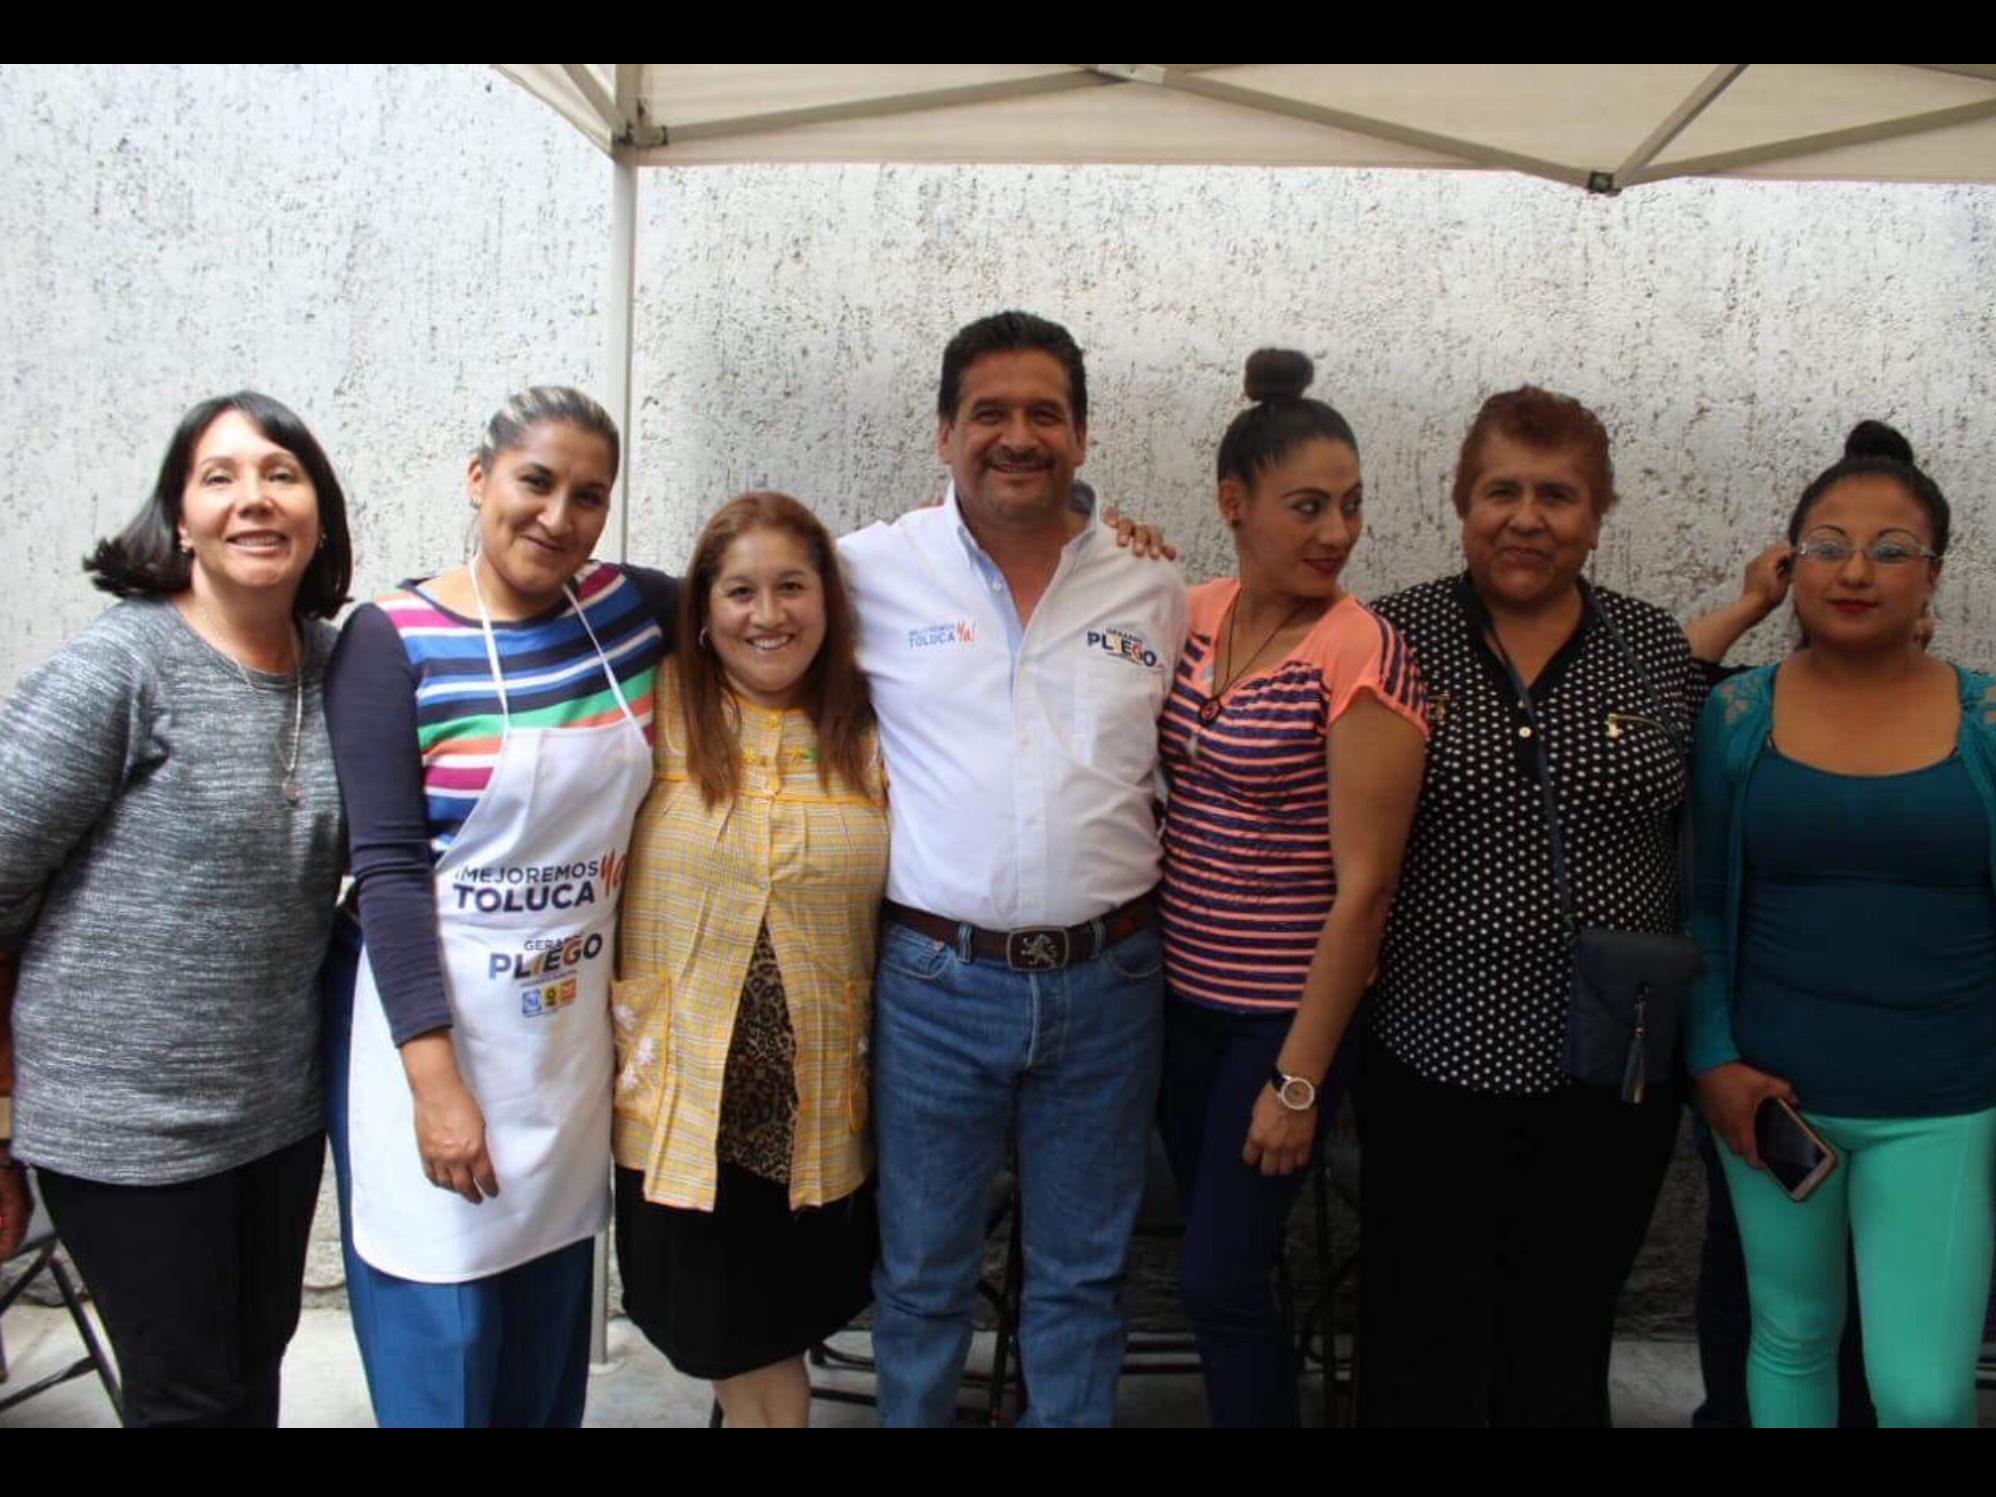 Propuestas sí, violencia no: Gerardo Pliego